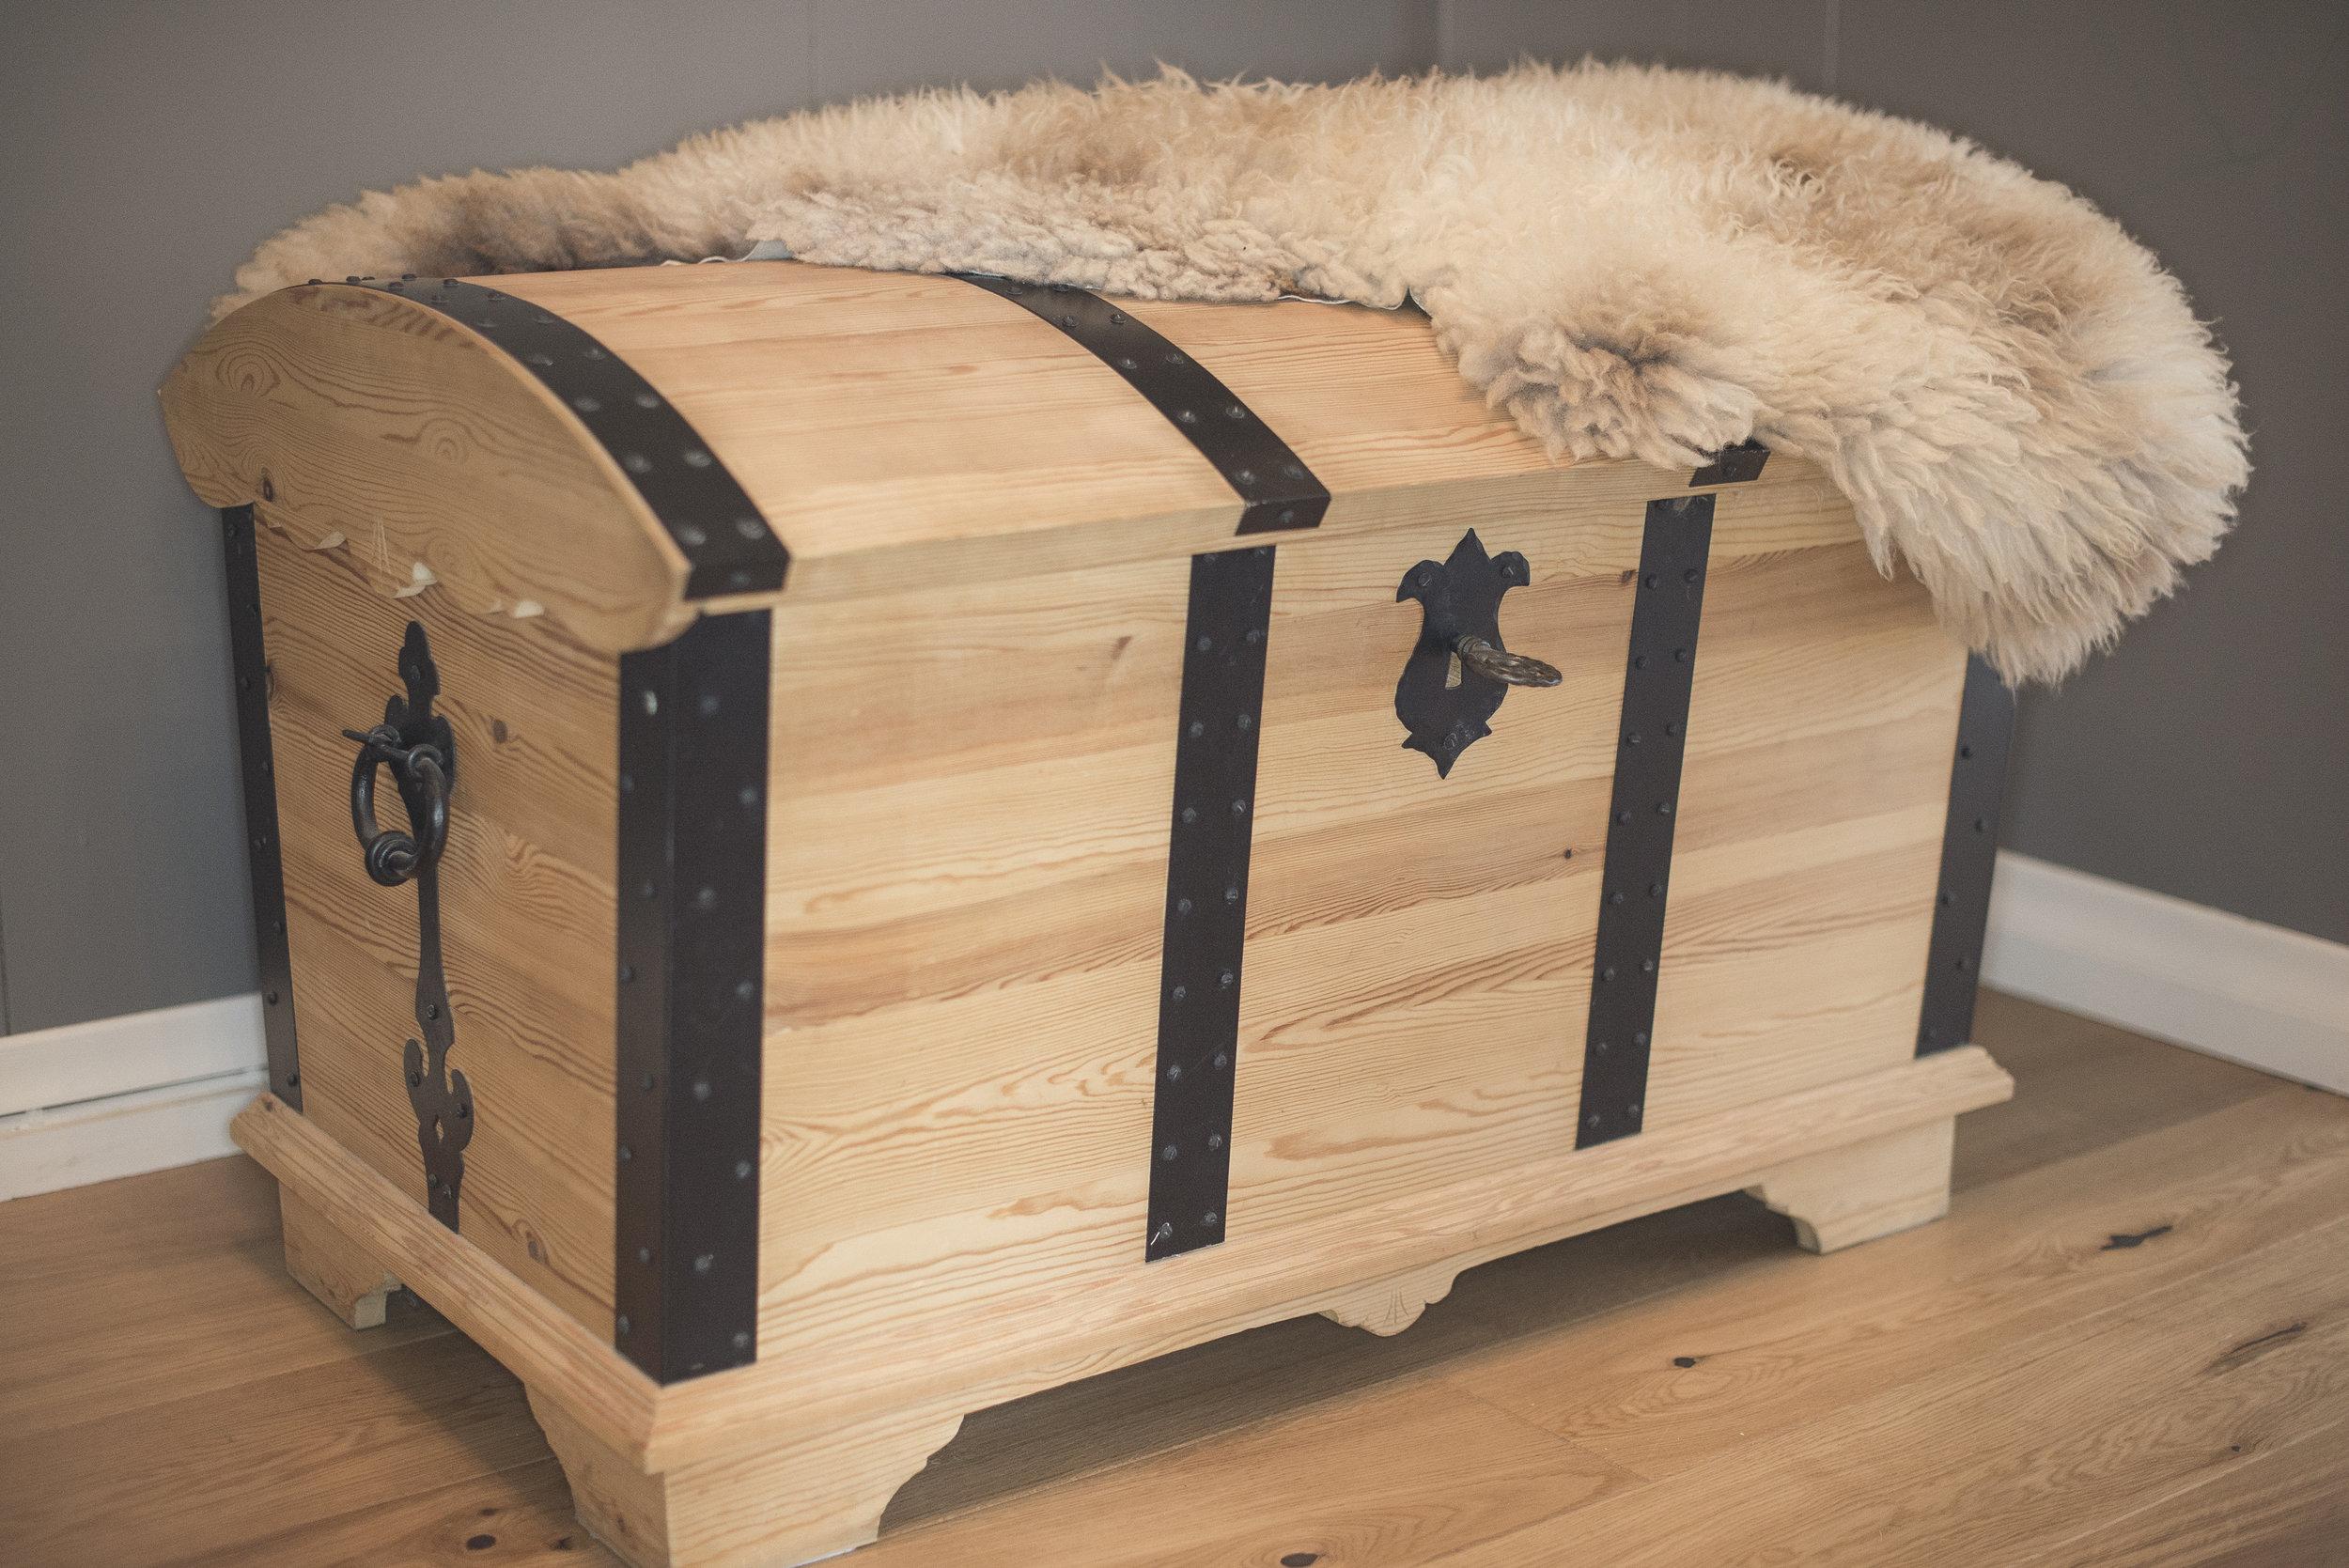 Klassisk kiste med jernbeslag.